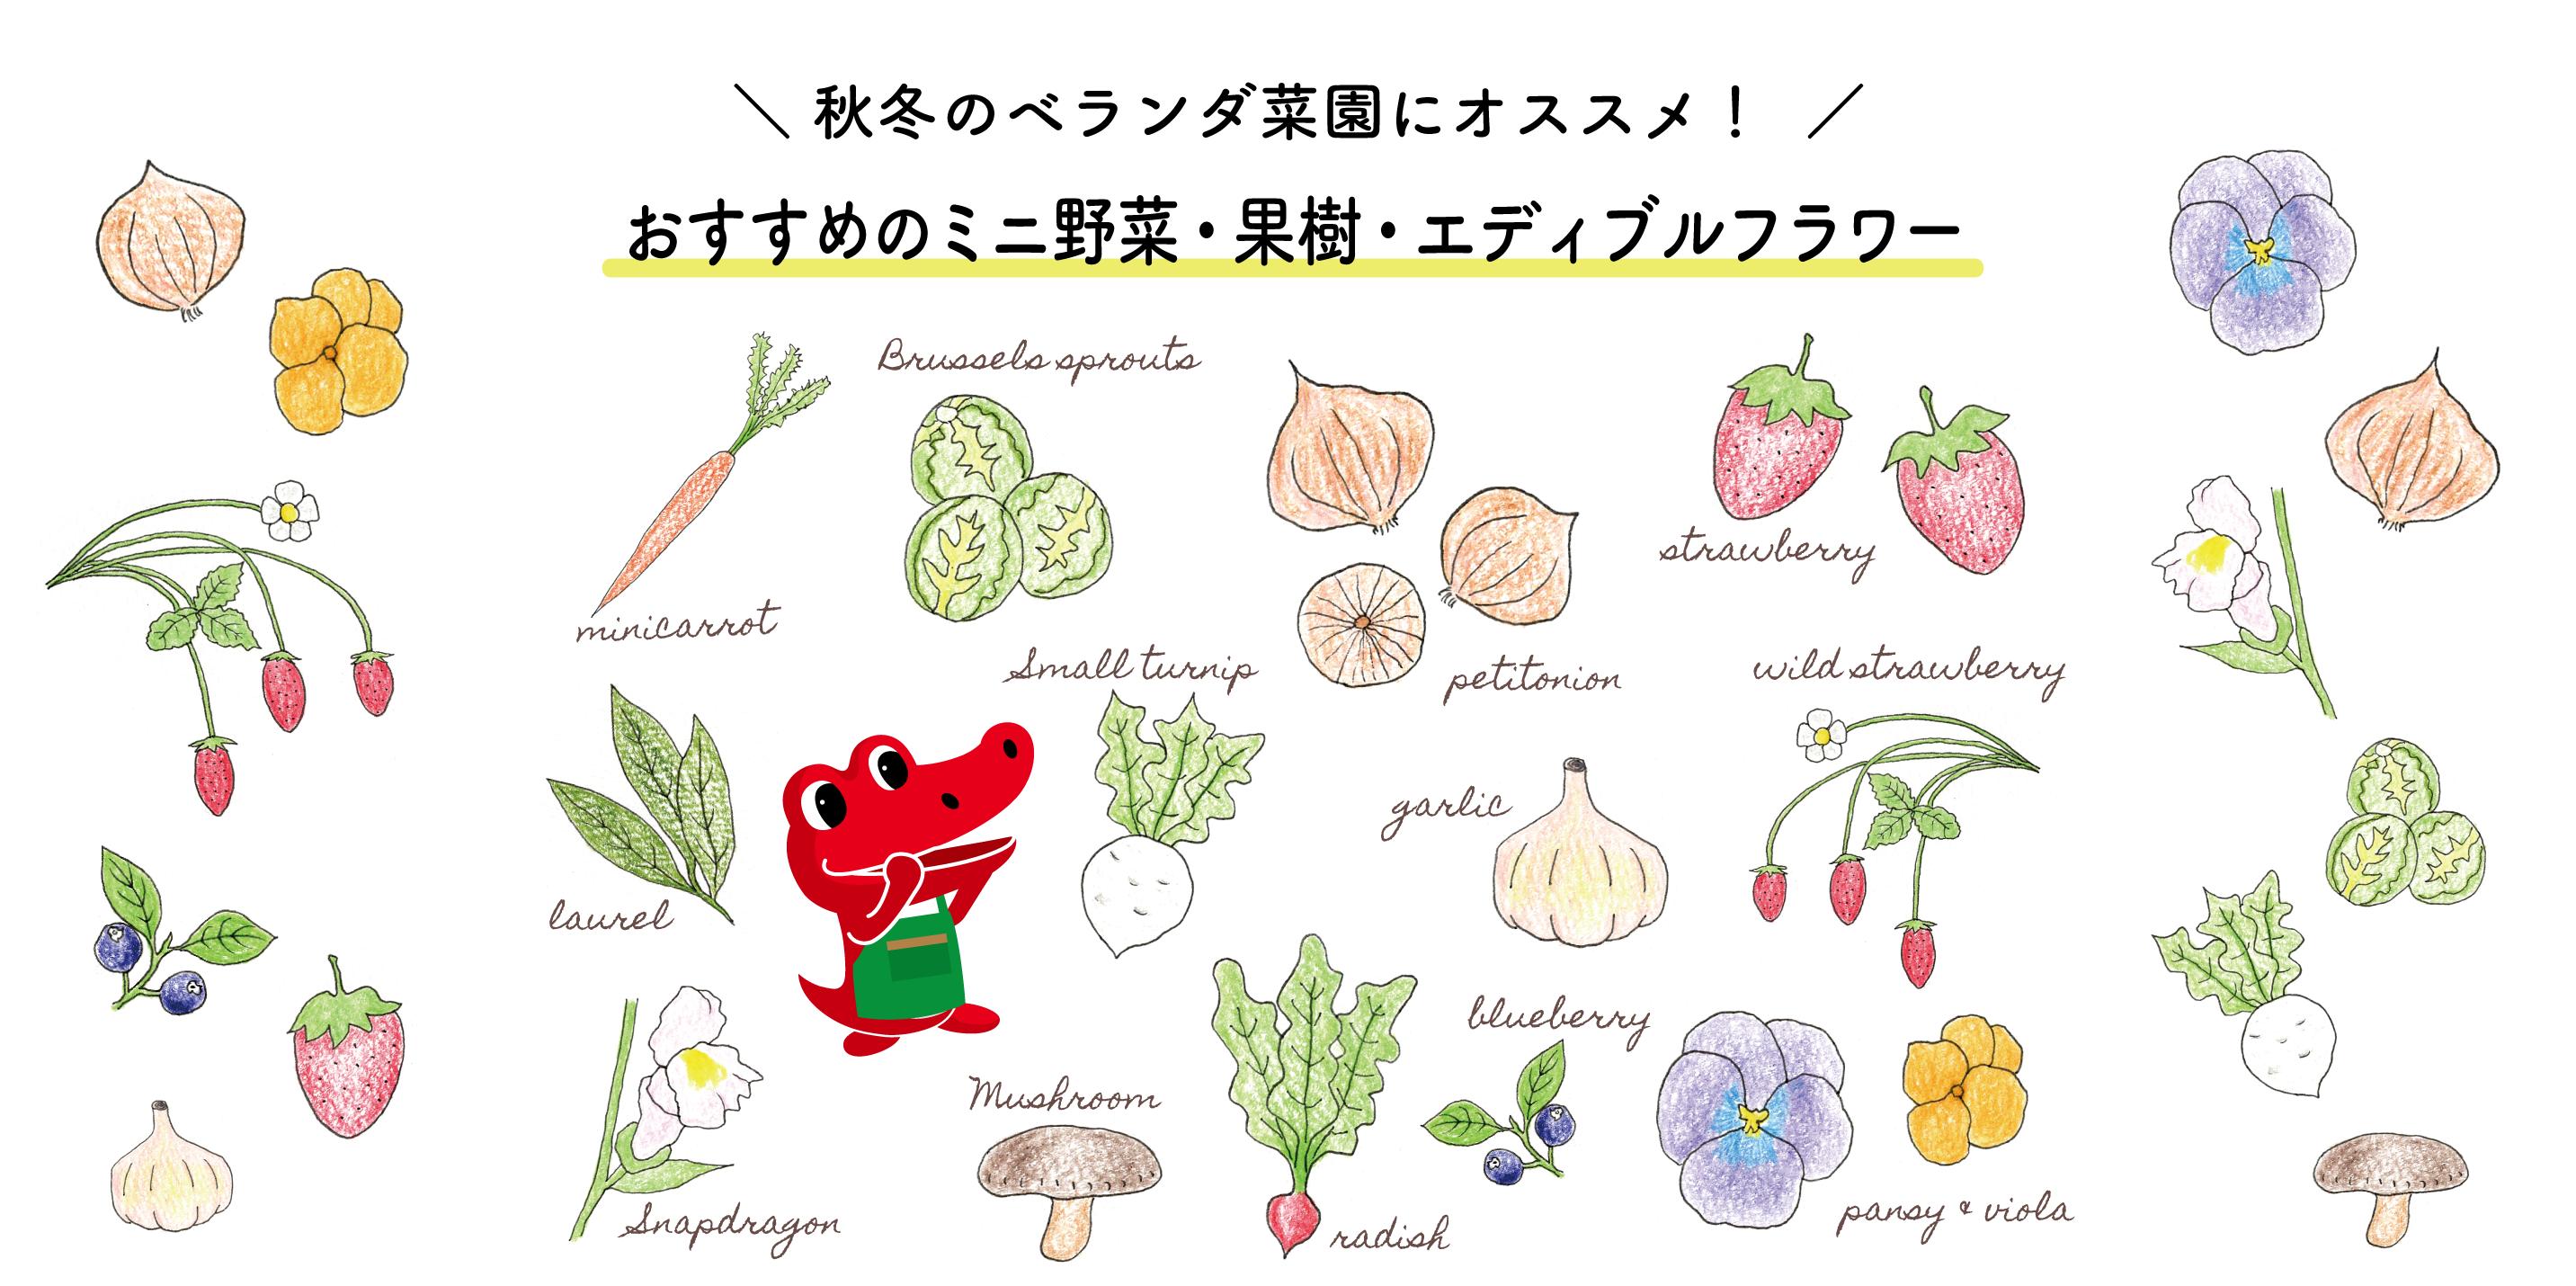 秋冬のベランダ菜園におすすめのミニ野菜、果物、エディブルフラワー12選